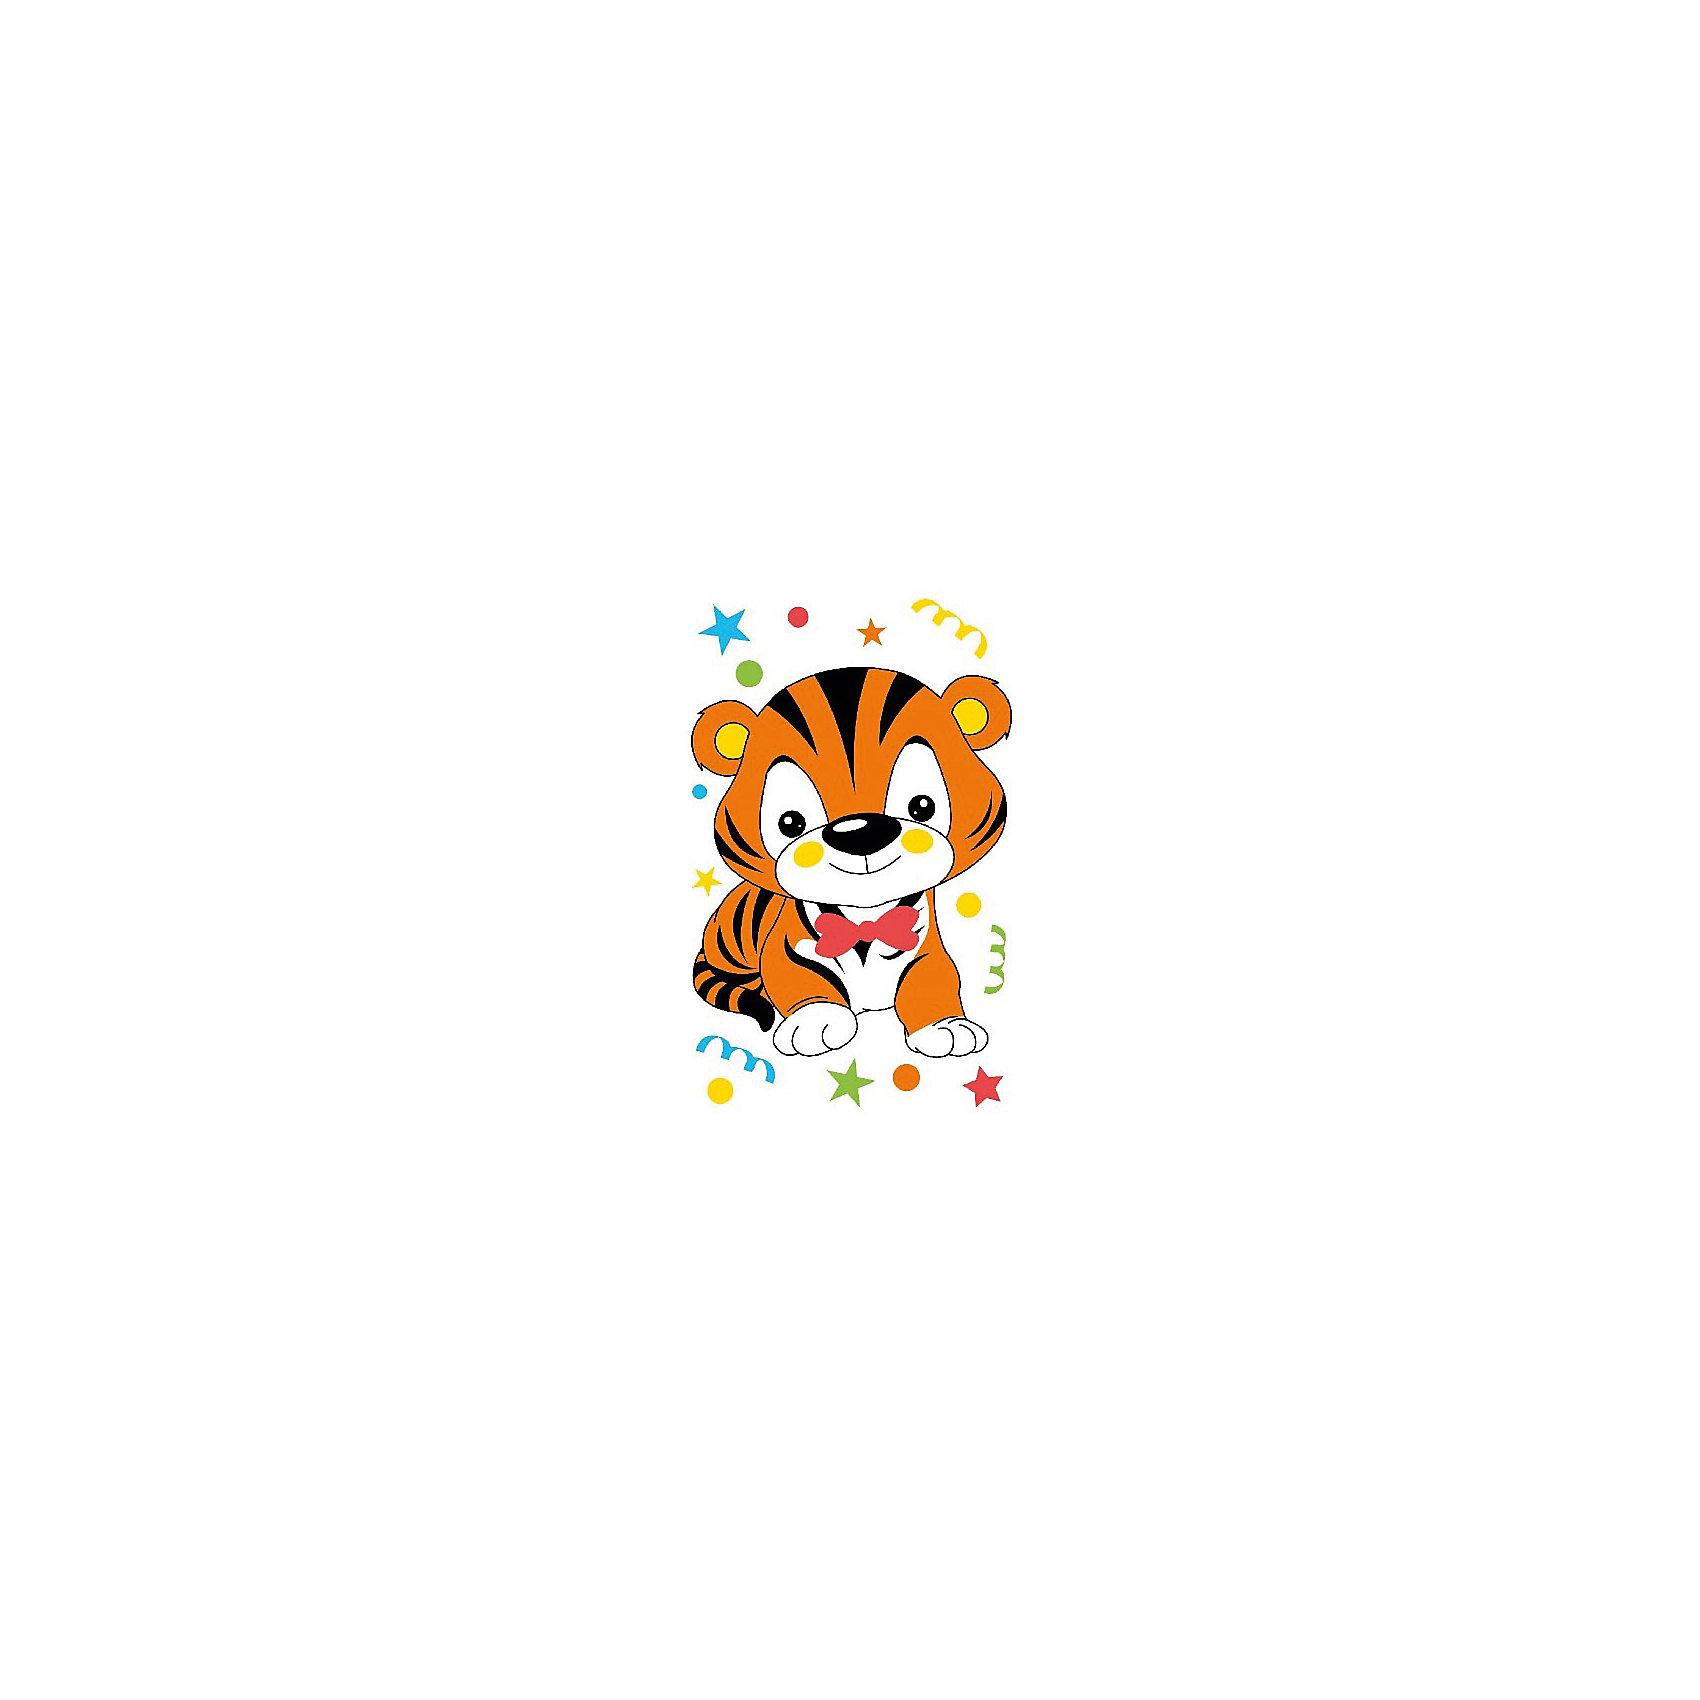 Набор юного художника Тигренок на празднике, 20*30 смДетские картины с раскраской по номерам размером 20*30. На деревянном подрамнике, с прогрунтованным холстом и  нанесенными контурами картины, с указанием цвета закраски, акриловыми красками, 3 кисточками и креплением на стену. Уровень сложности, количество красок указаны на коробке.<br><br>Ширина мм: 300<br>Глубина мм: 200<br>Высота мм: 30<br>Вес г: 330<br>Возраст от месяцев: 60<br>Возраст до месяцев: 108<br>Пол: Унисекс<br>Возраст: Детский<br>SKU: 5417660